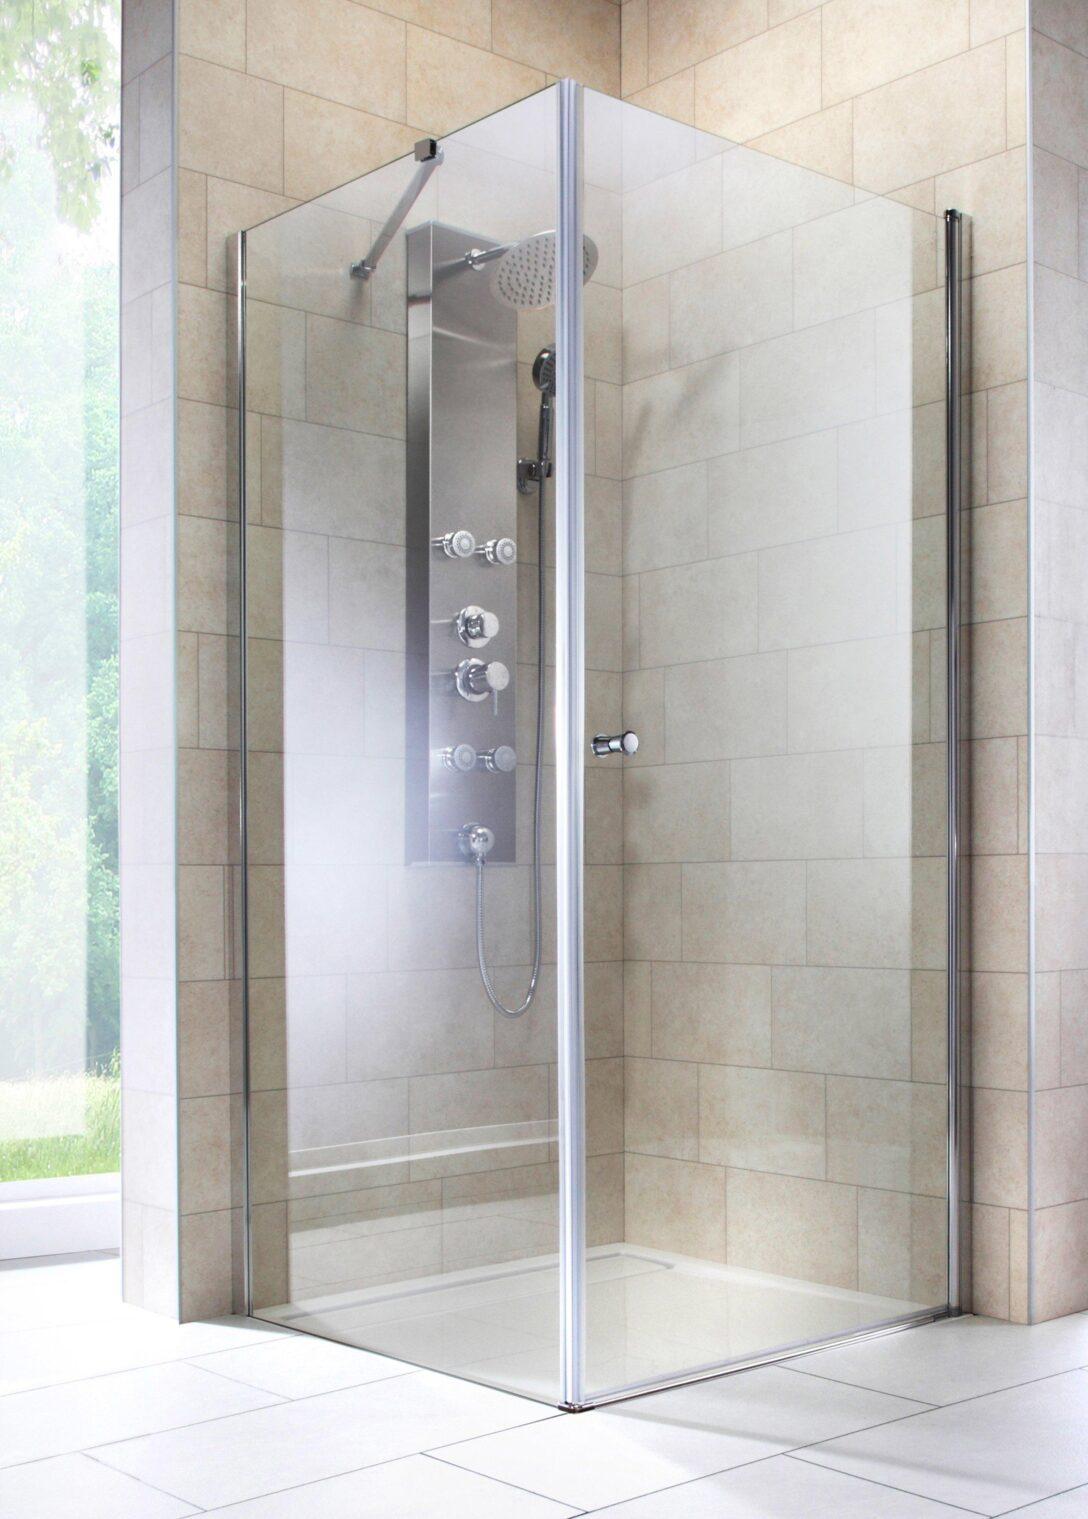 Large Size of Eckeinstieg Dusche Eckdusche Florenz Nischentür Anal Glastür Badewanne Grohe Siphon Bluetooth Lautsprecher Duschen Kaufen Bodengleiche Glaswand Pendeltür Dusche Eckeinstieg Dusche